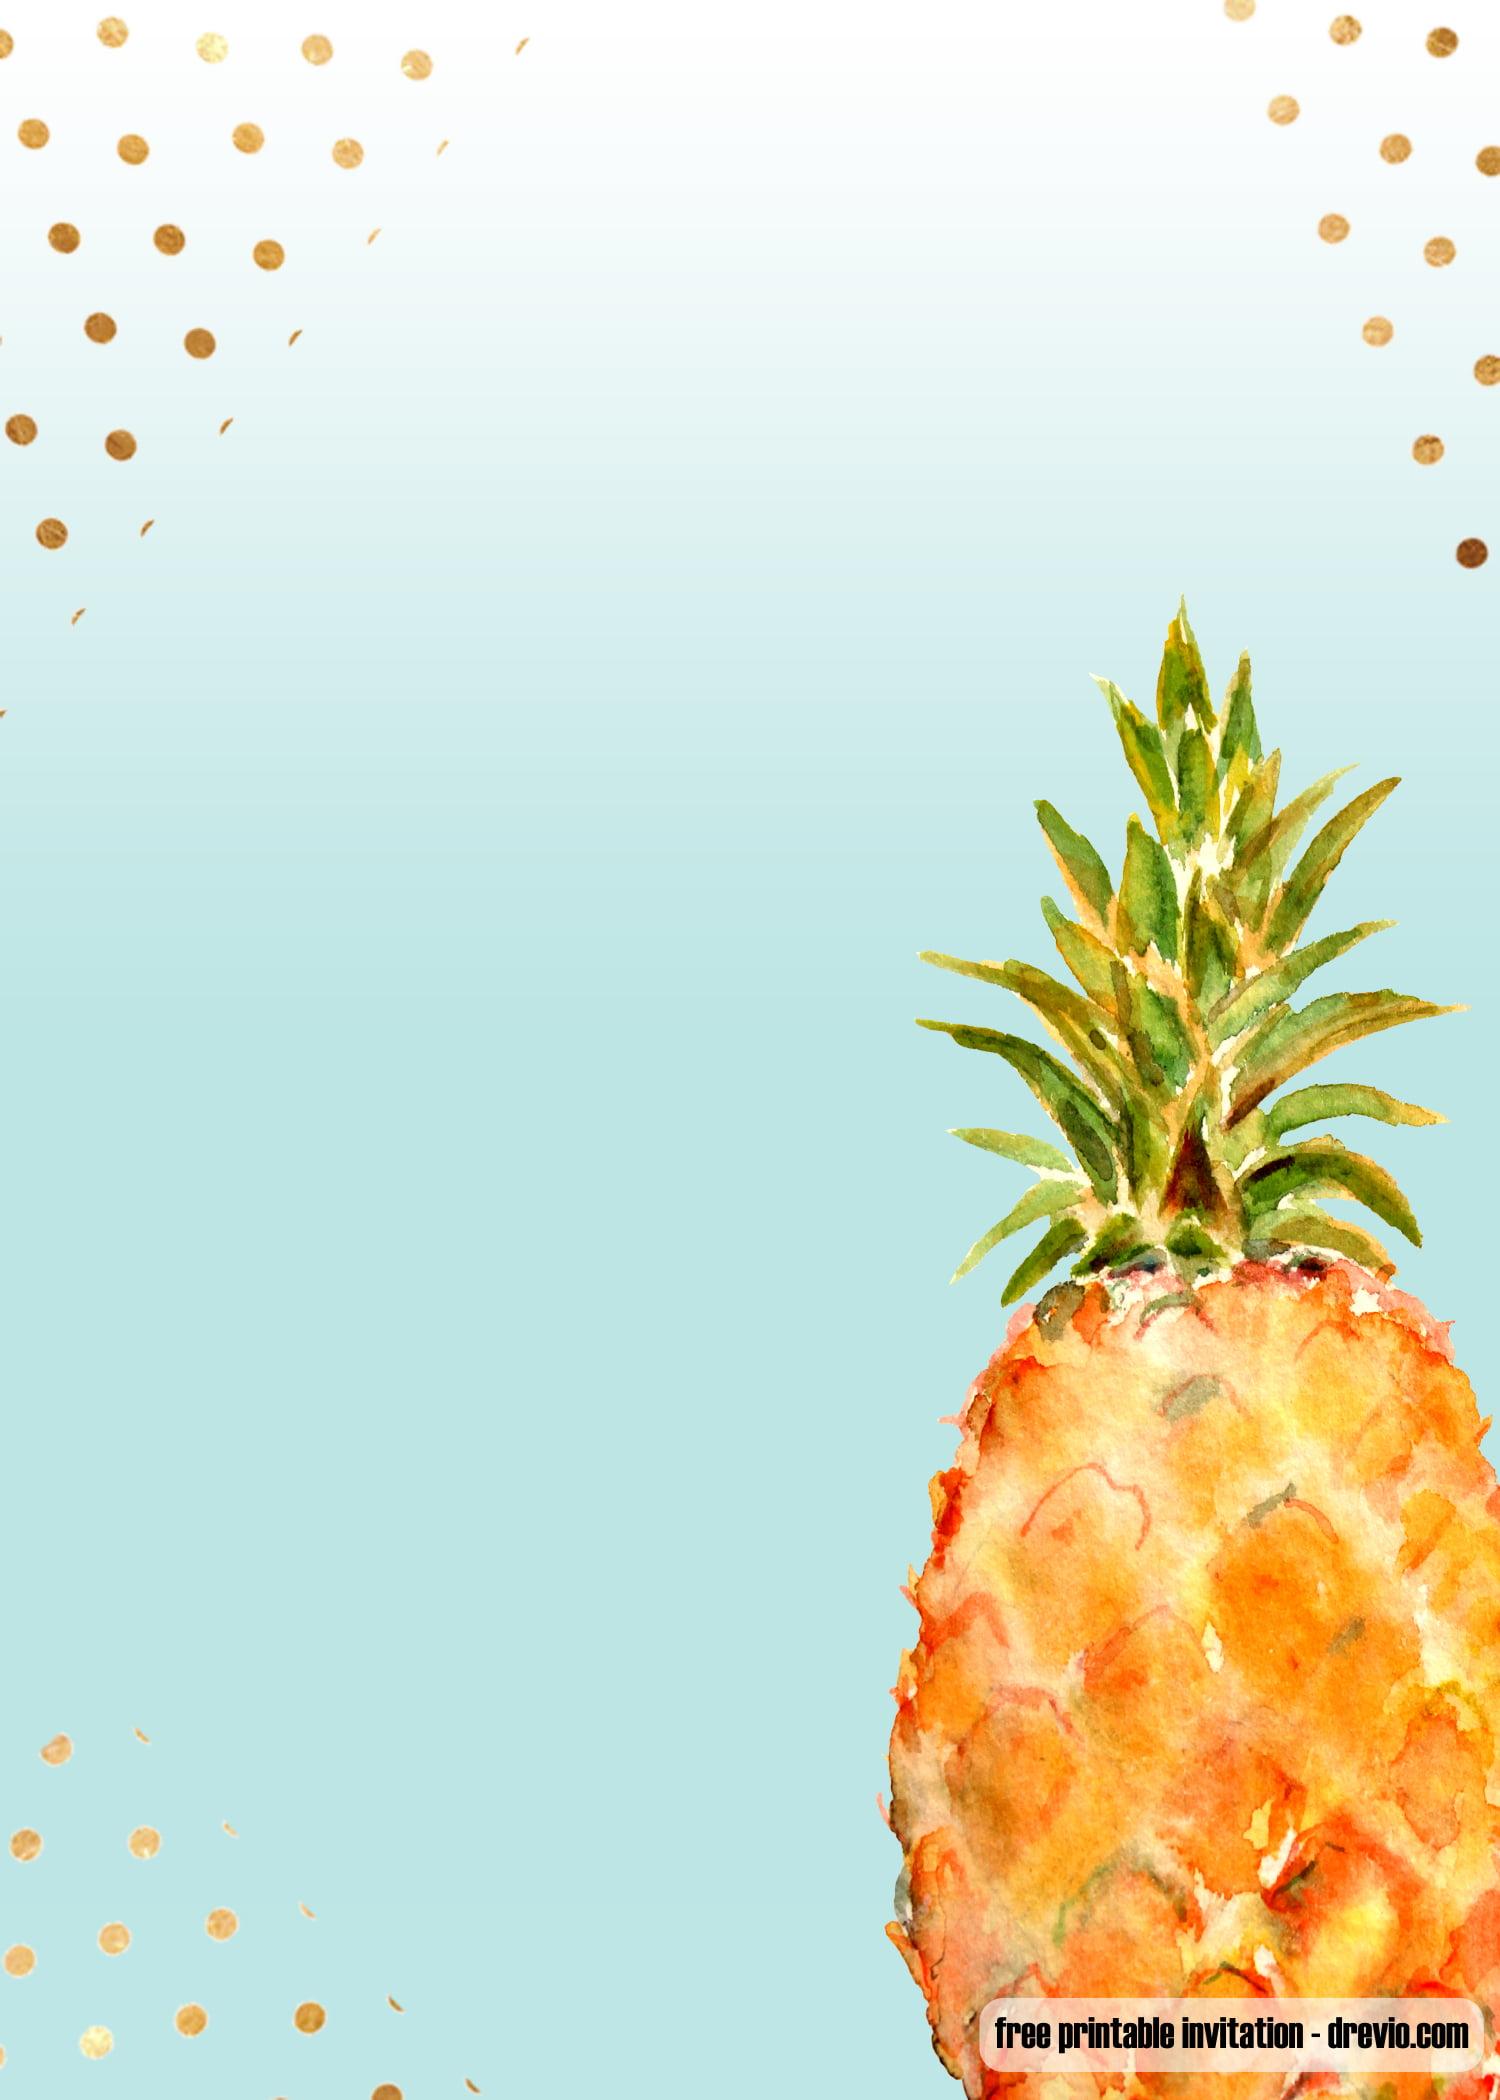 FREE Printable Aloha Pineapple Birthday Invitation Templates FREE Invitation Templates Drevio